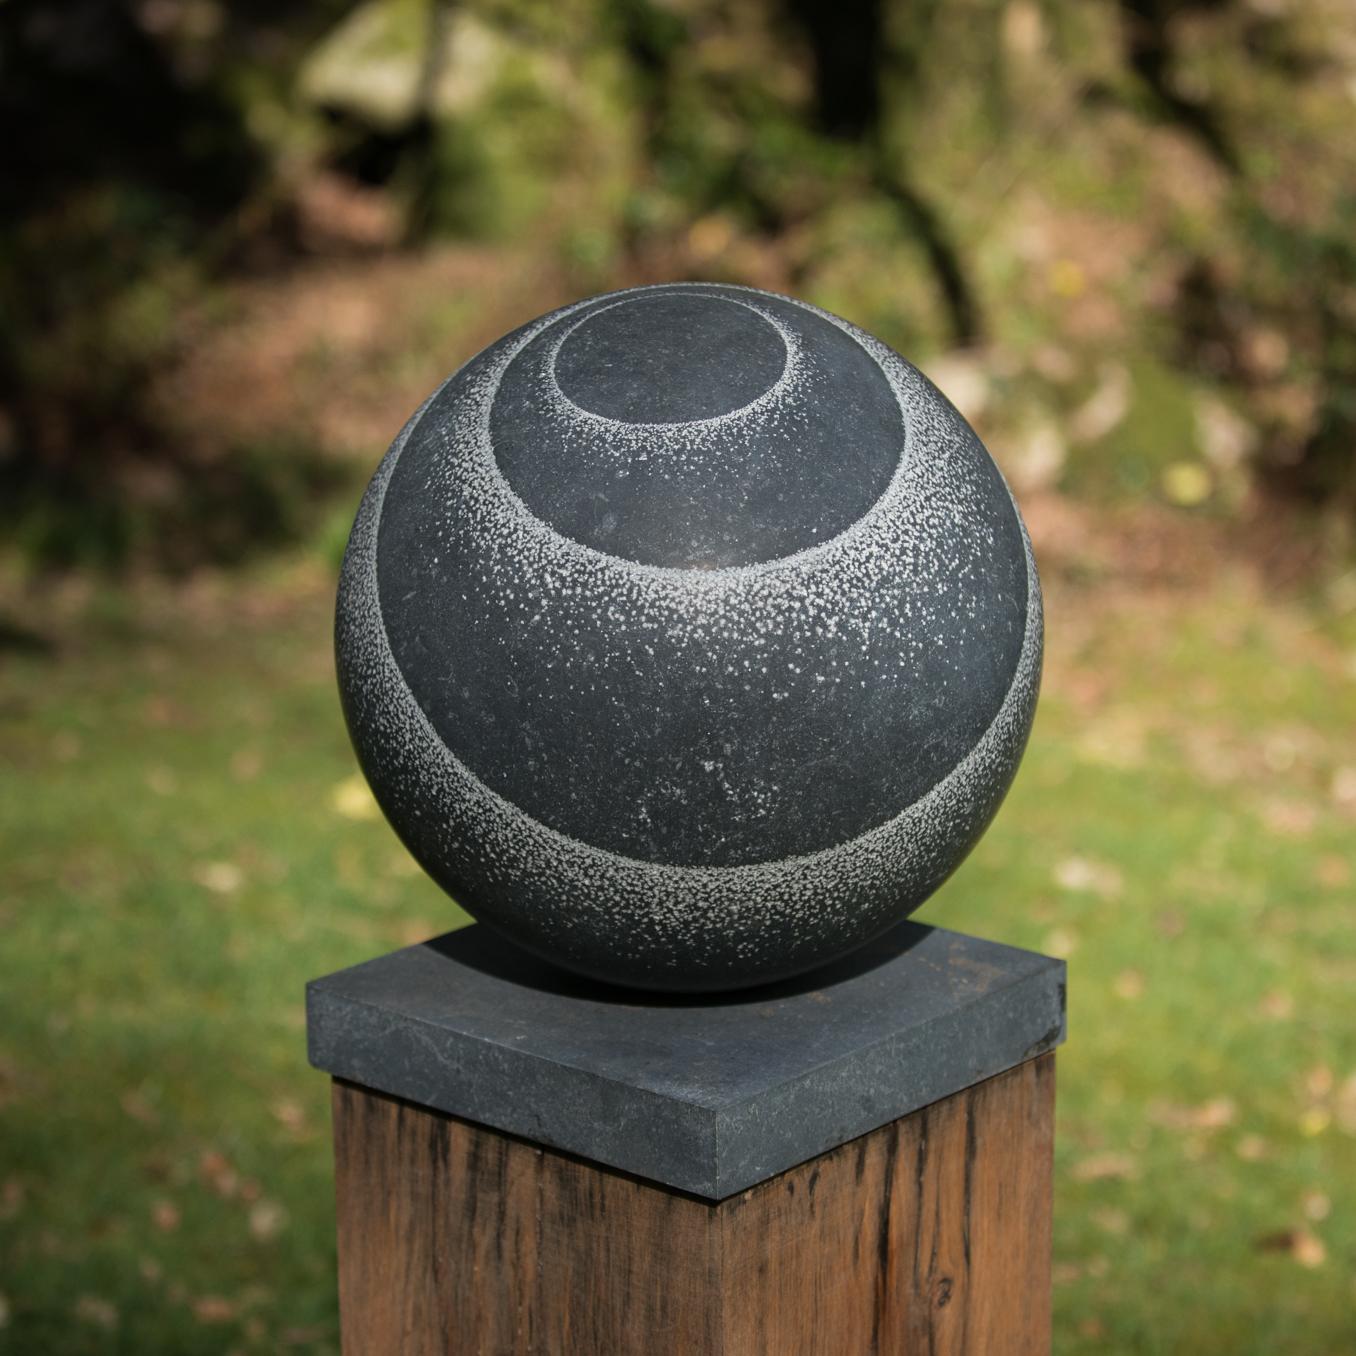 Aeolian sphere III image